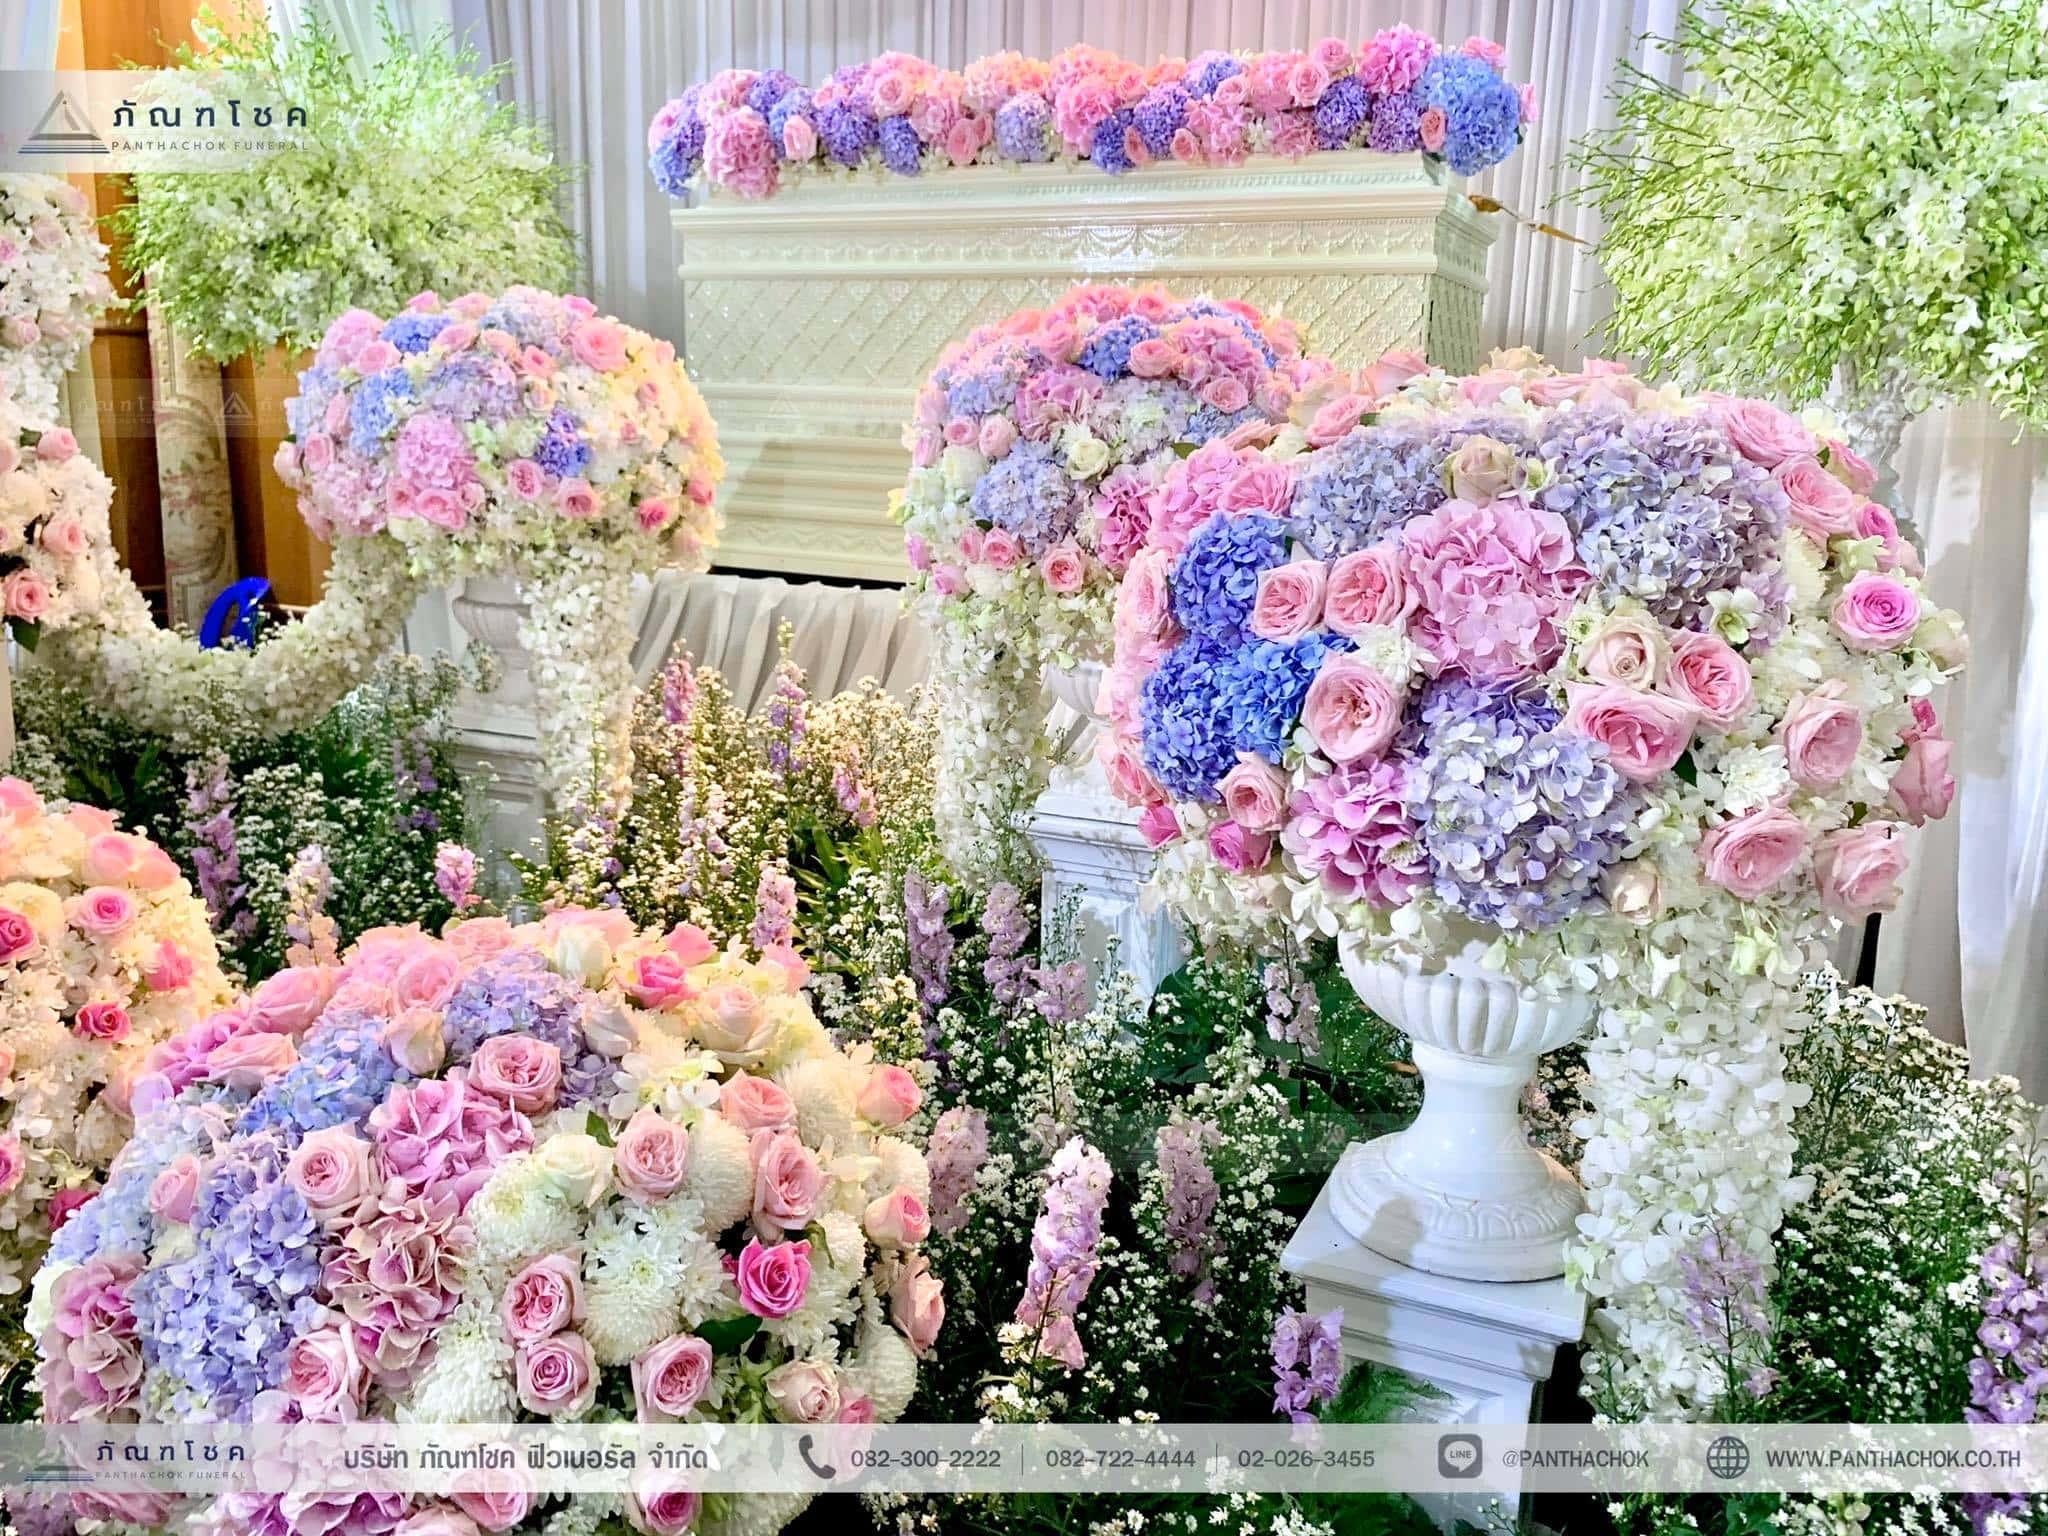 ชุดดอกไม้ประดับหน้าหีบ สไตล์ผู้ดีอังกฤษจิบชายามบ่าย (งานศพคุณแม่ของคุณอ๊อฟ ปองศักดิ์) 8